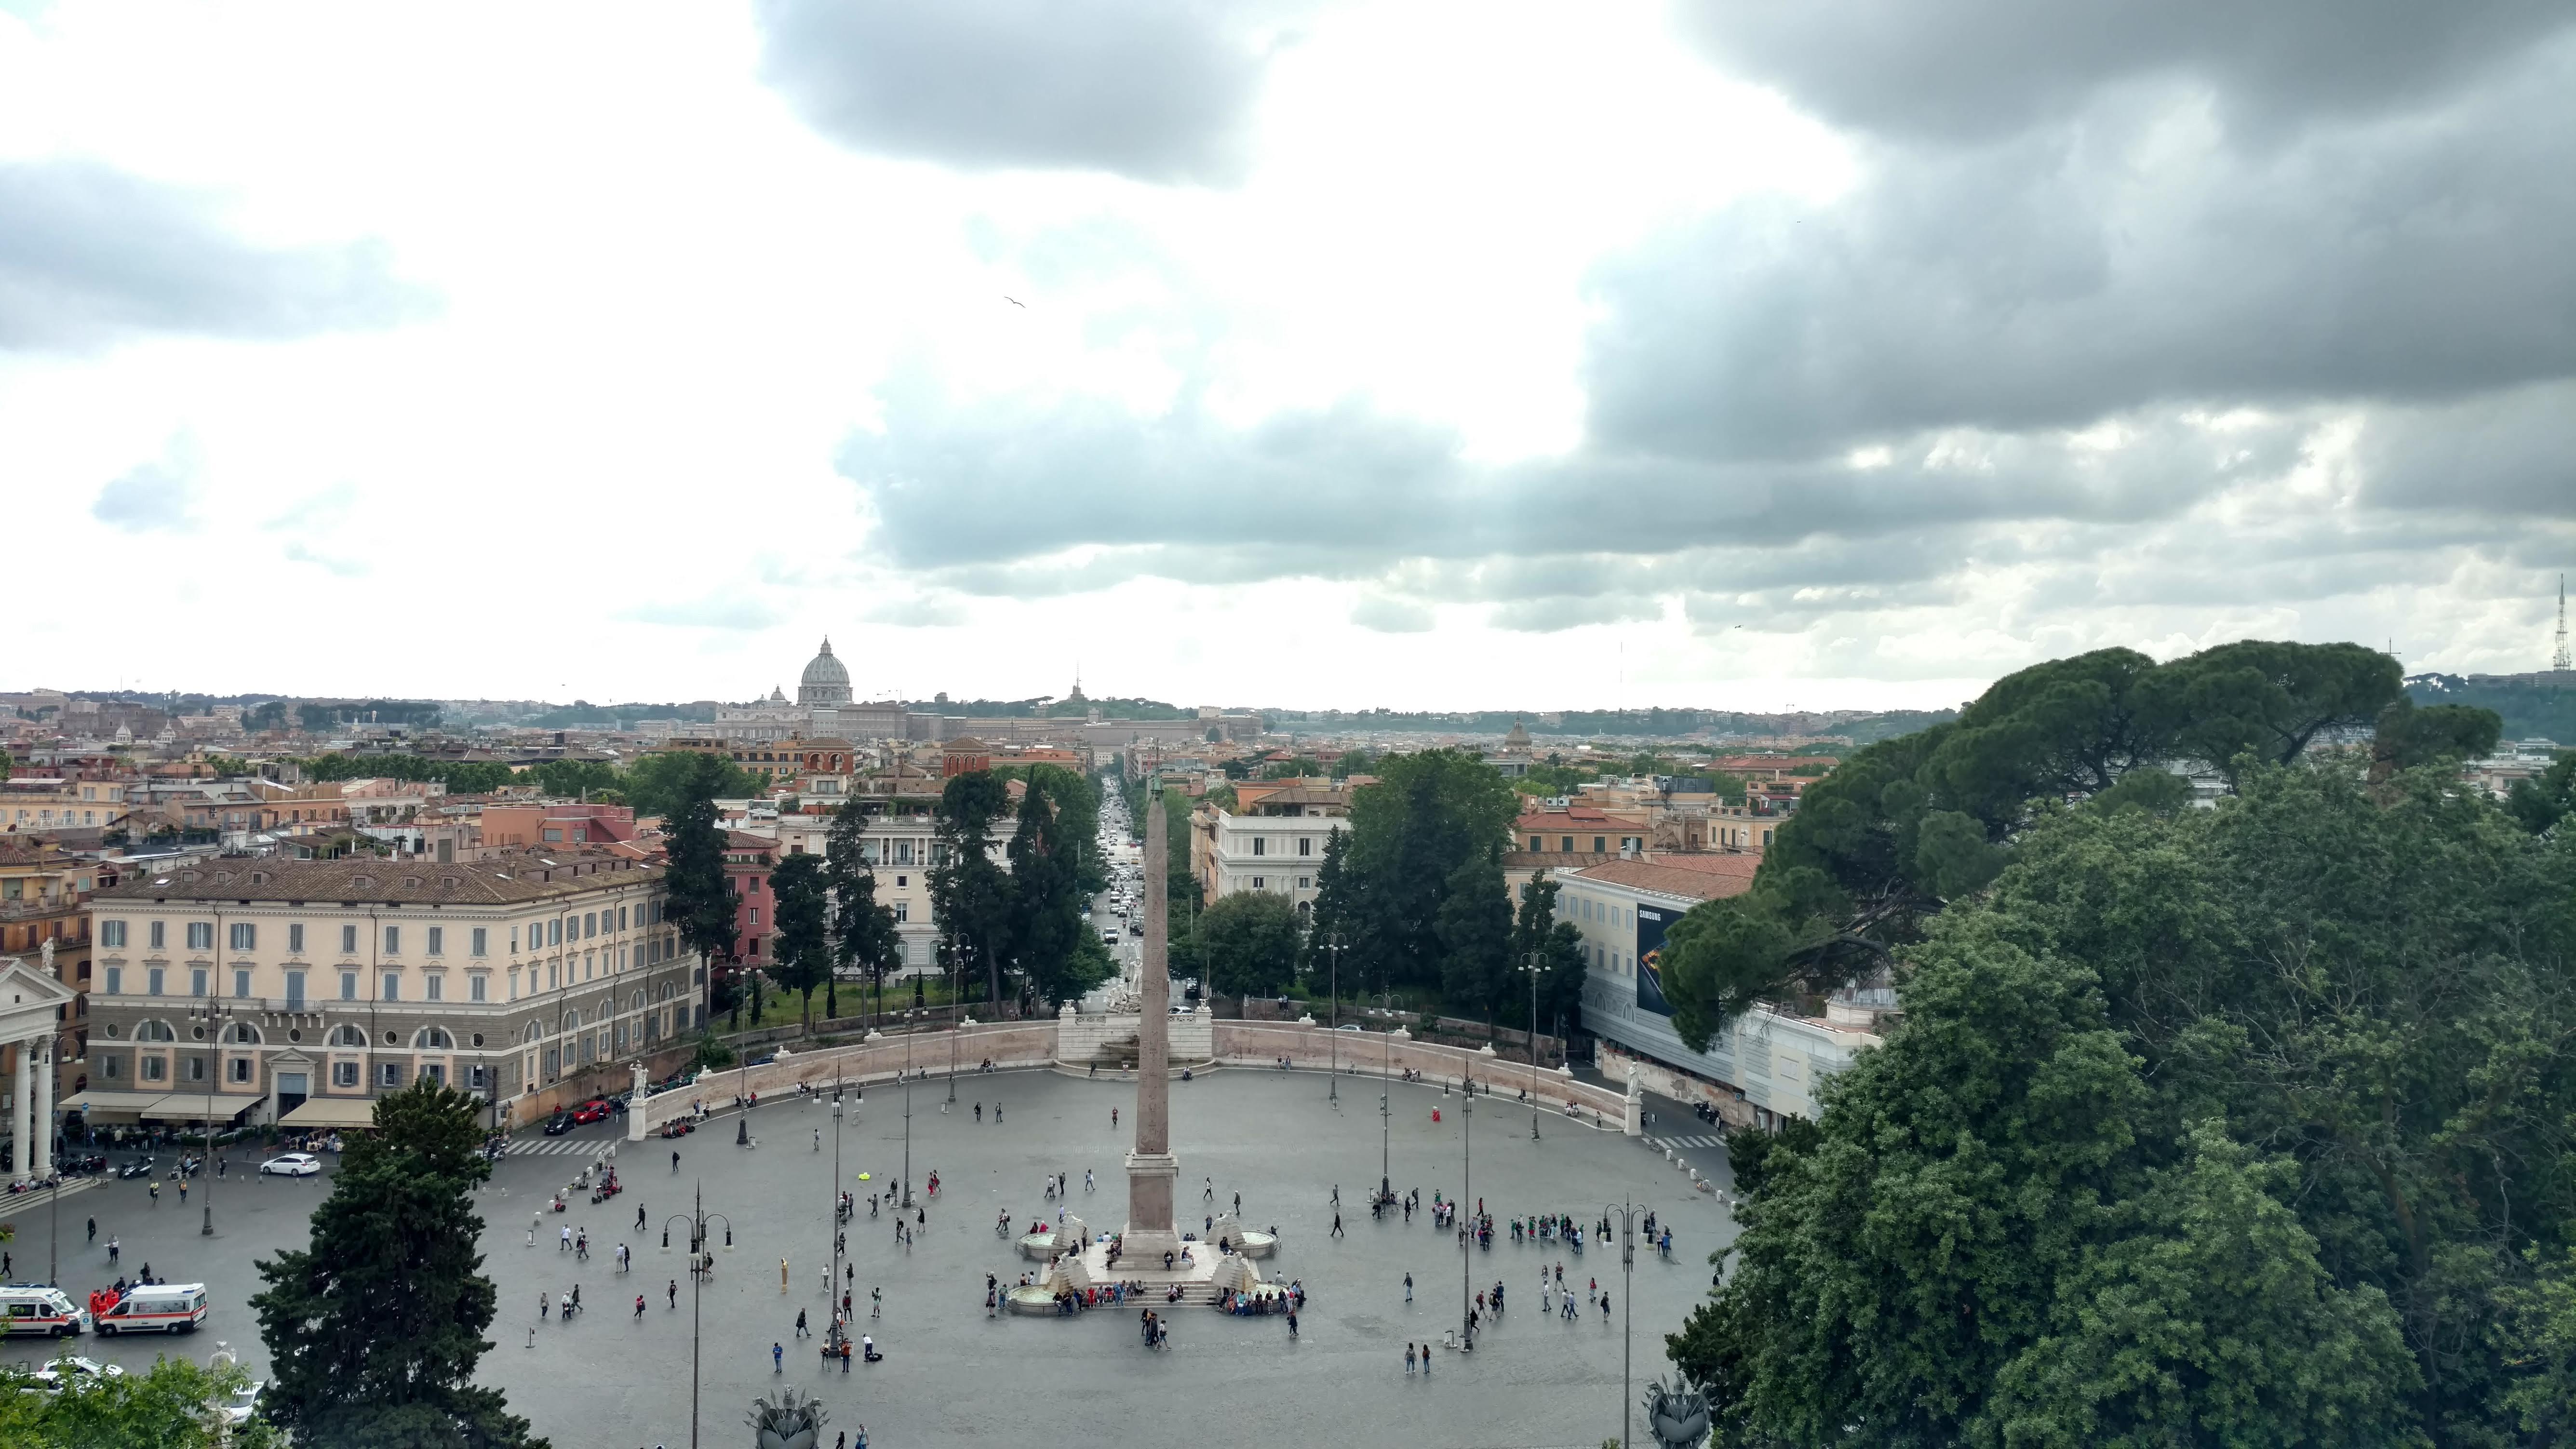 Piazza del Popolo, qué ver en Roma